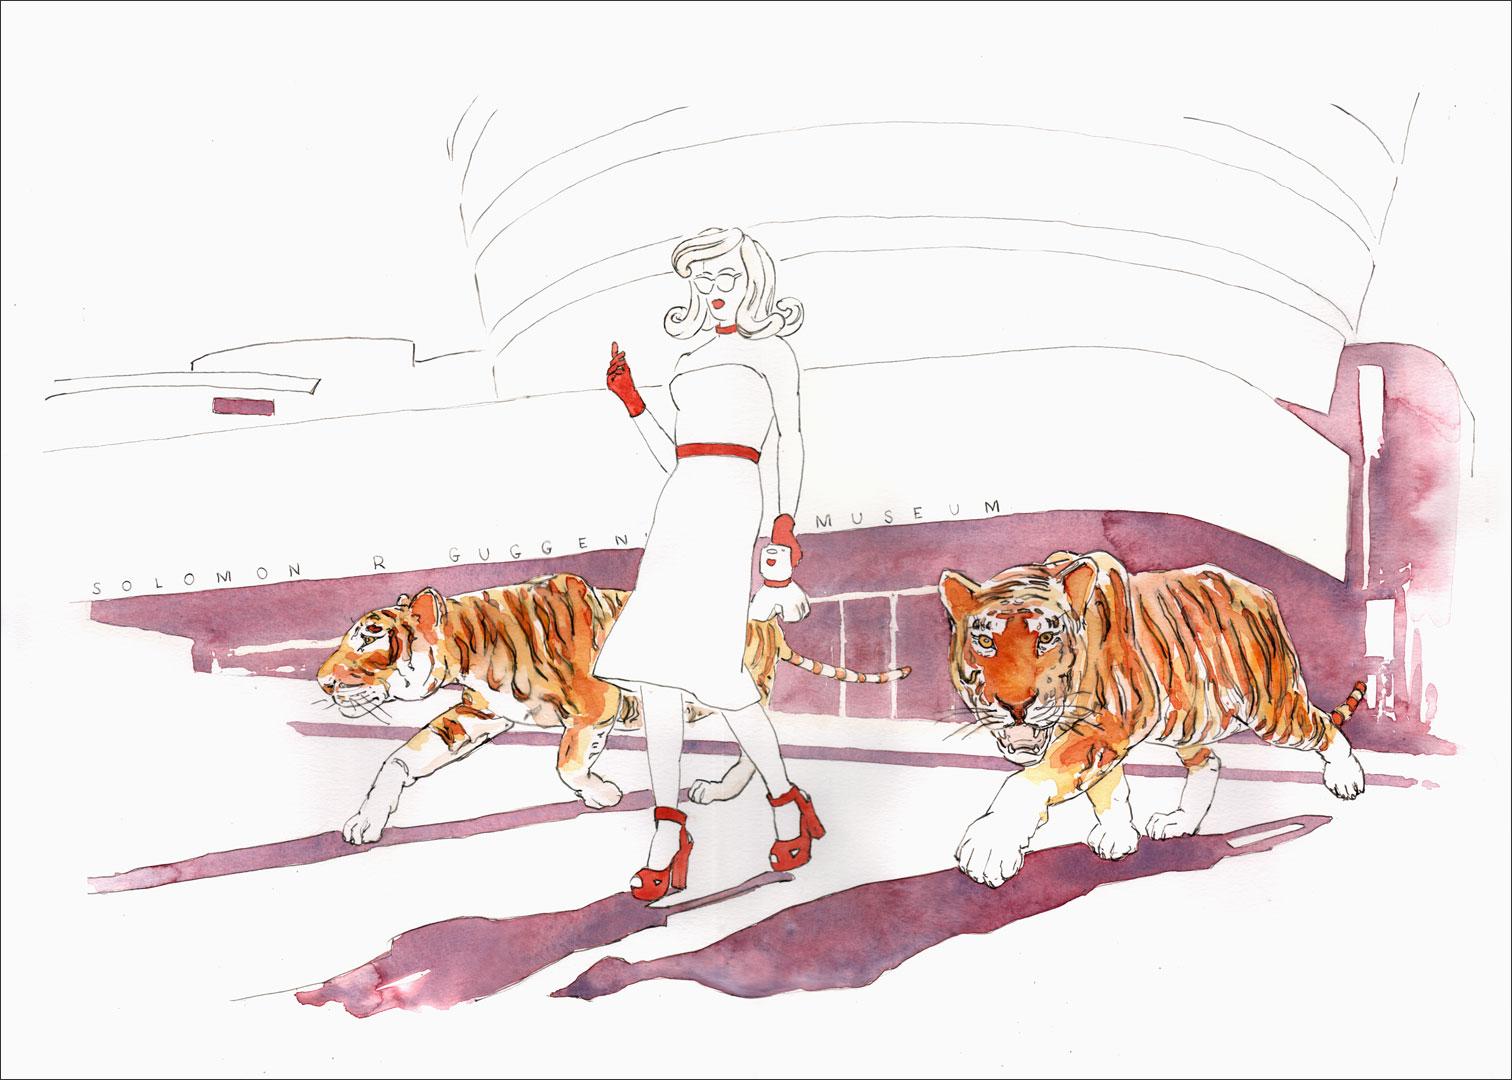 79828-1441999972-79828-1441299595-Tiger-Crossing